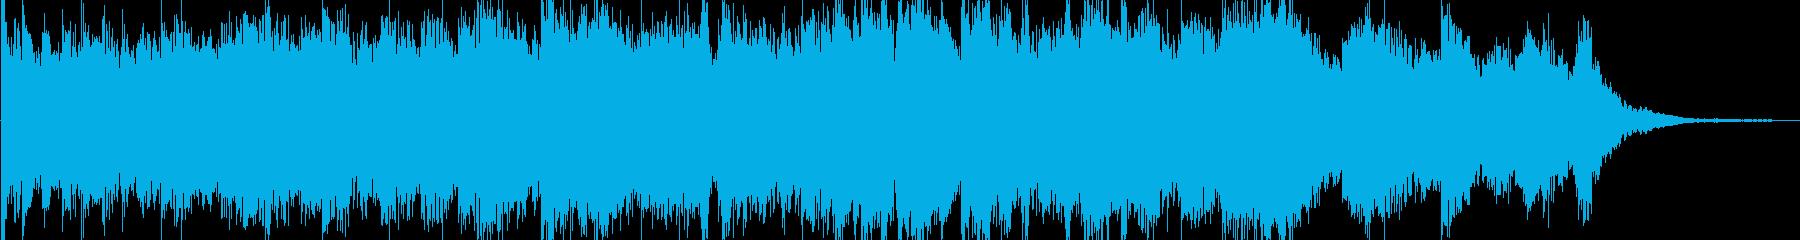 ディストピア世界の陰気なテーマ。落...の再生済みの波形